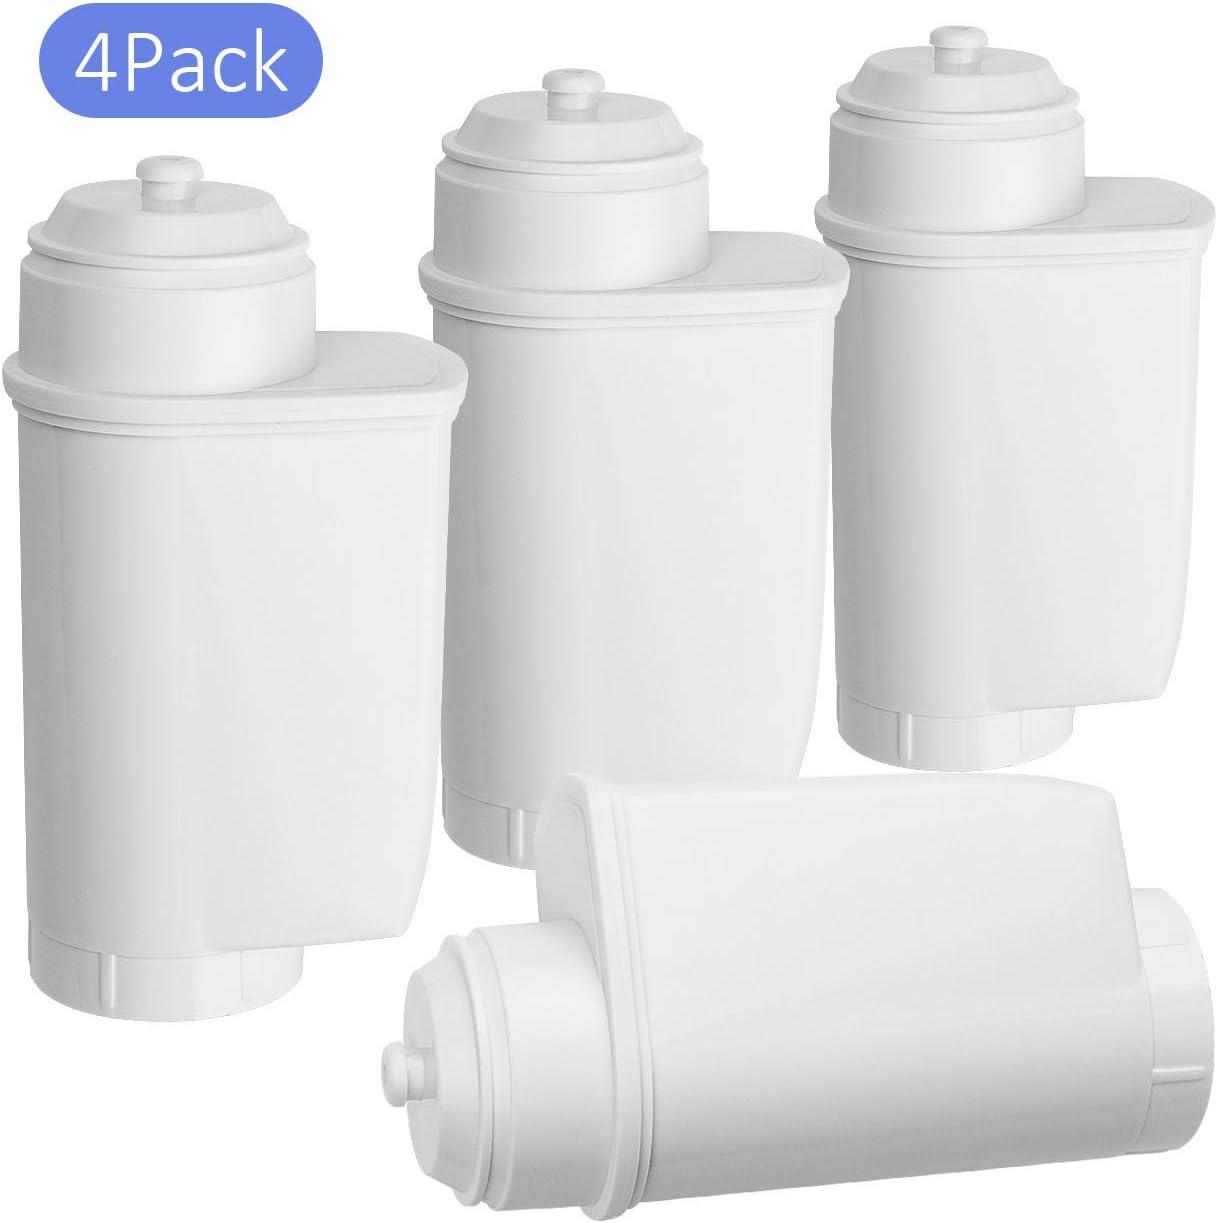 Maylove 4 Packung Wasserfilter f/ür Siemens EQ 6//9 TZ70003 Filter Kompatibel mit Brita Intenza Siemens EQ Series TZ70033 Bosch TCZ7003 TCZ-7003 TCZ7033 Schnelle Installation Kaffeemaschinenfilter